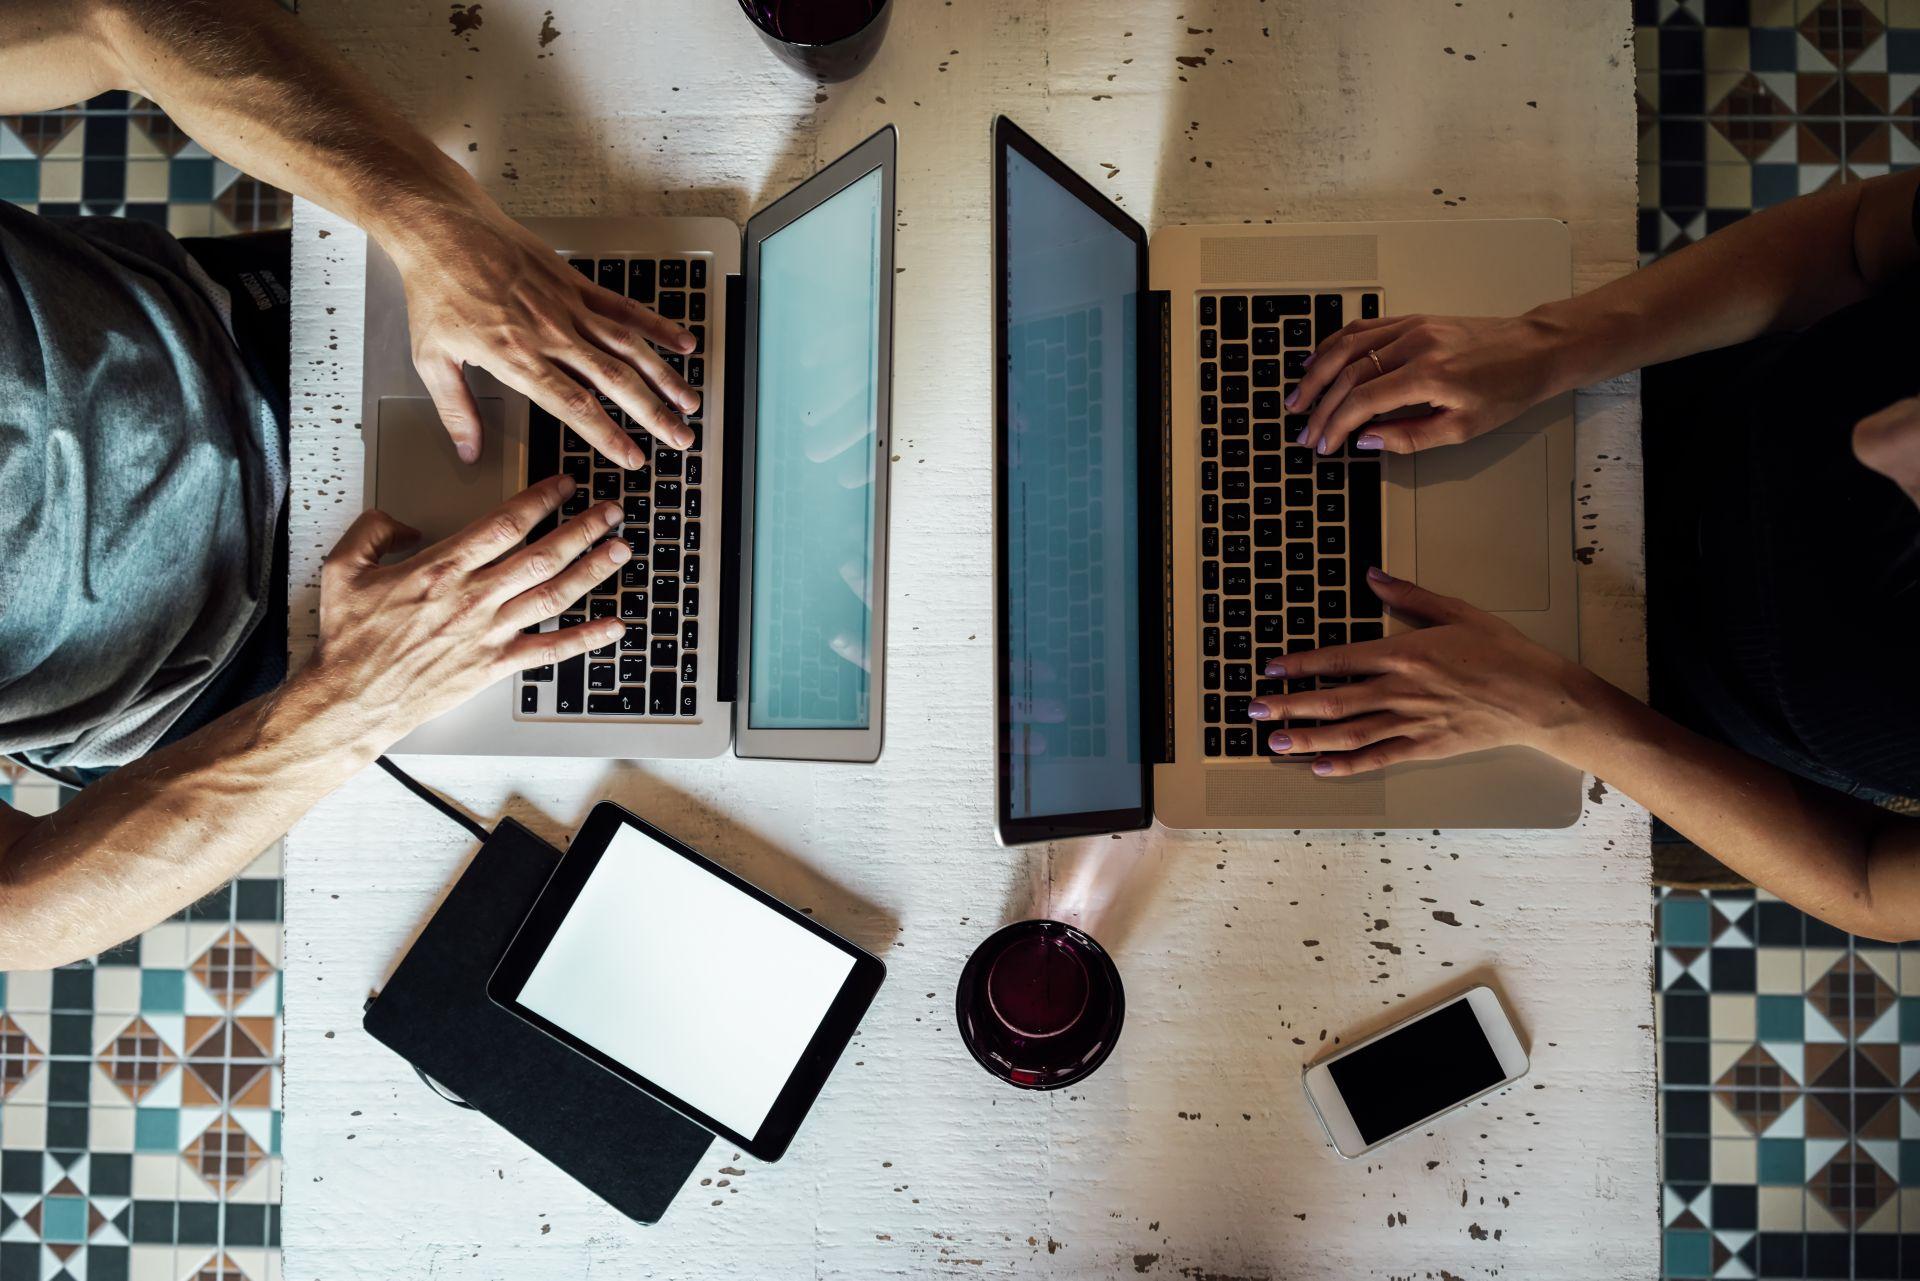 studenti pracující na laptopech